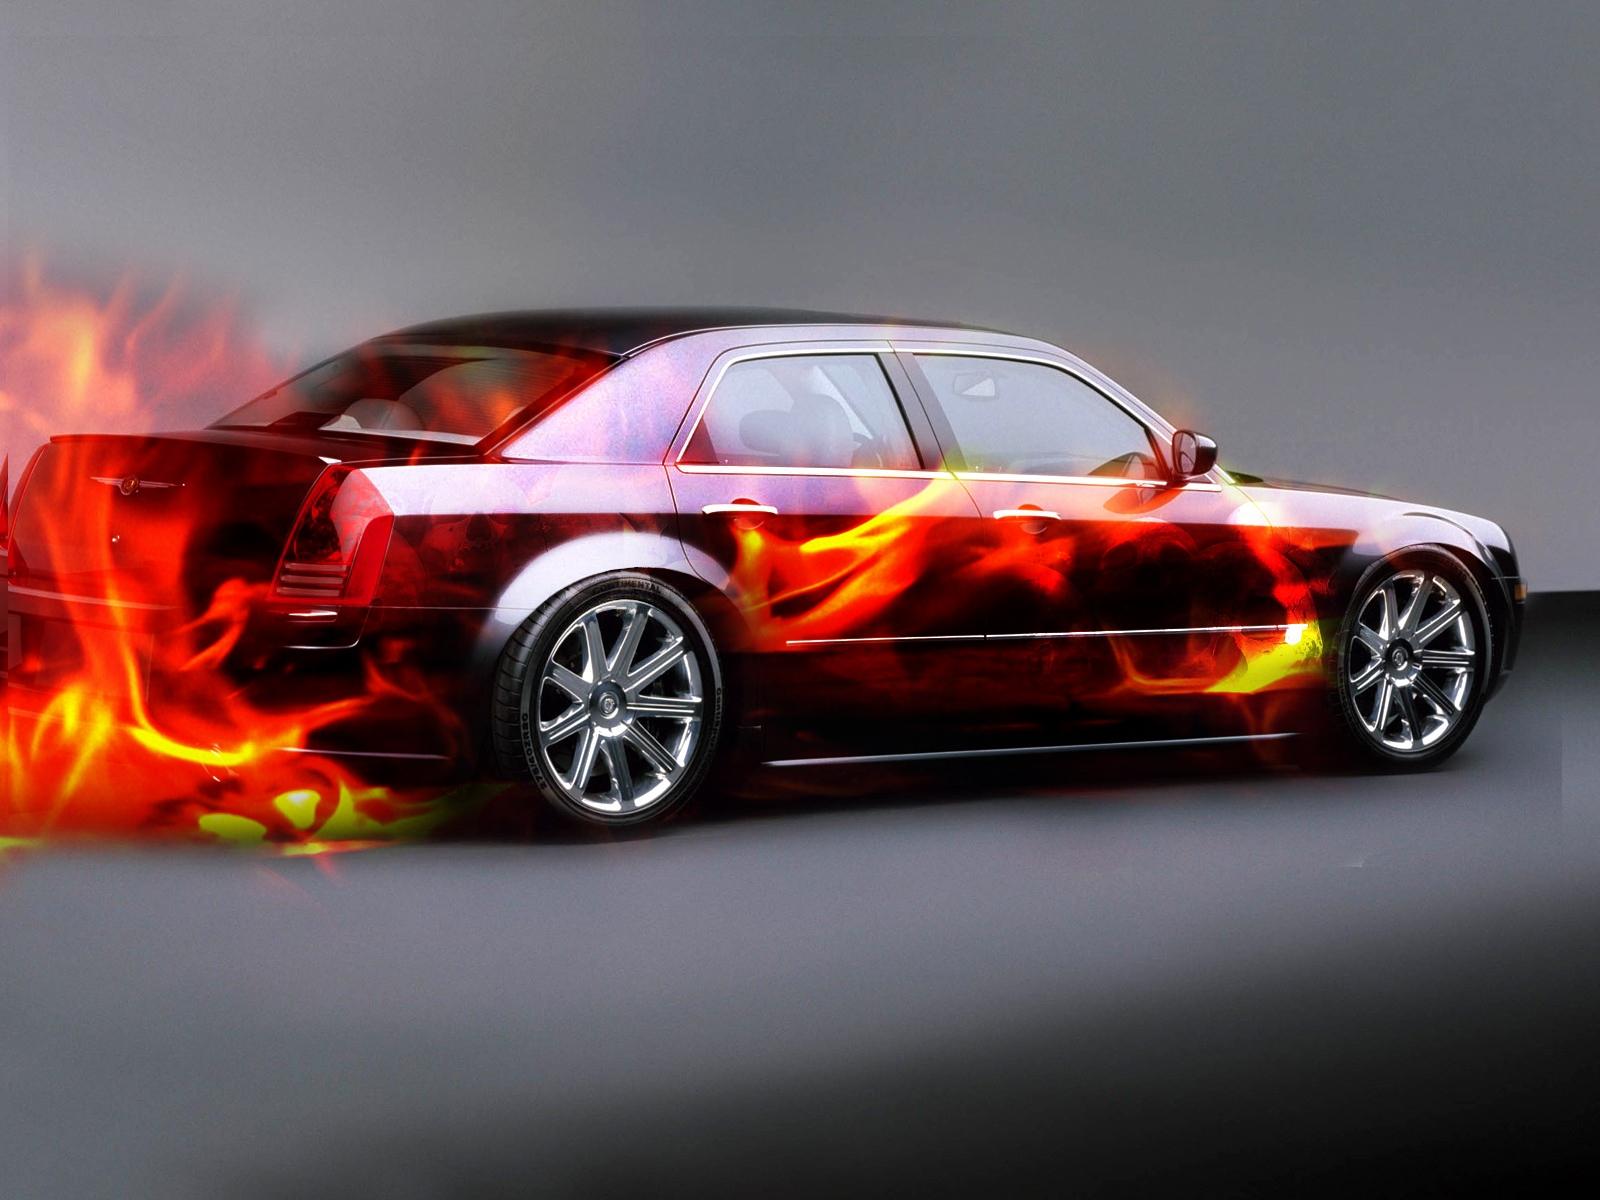 Papeis De Parede Chrysler Carros Baixar Imagens